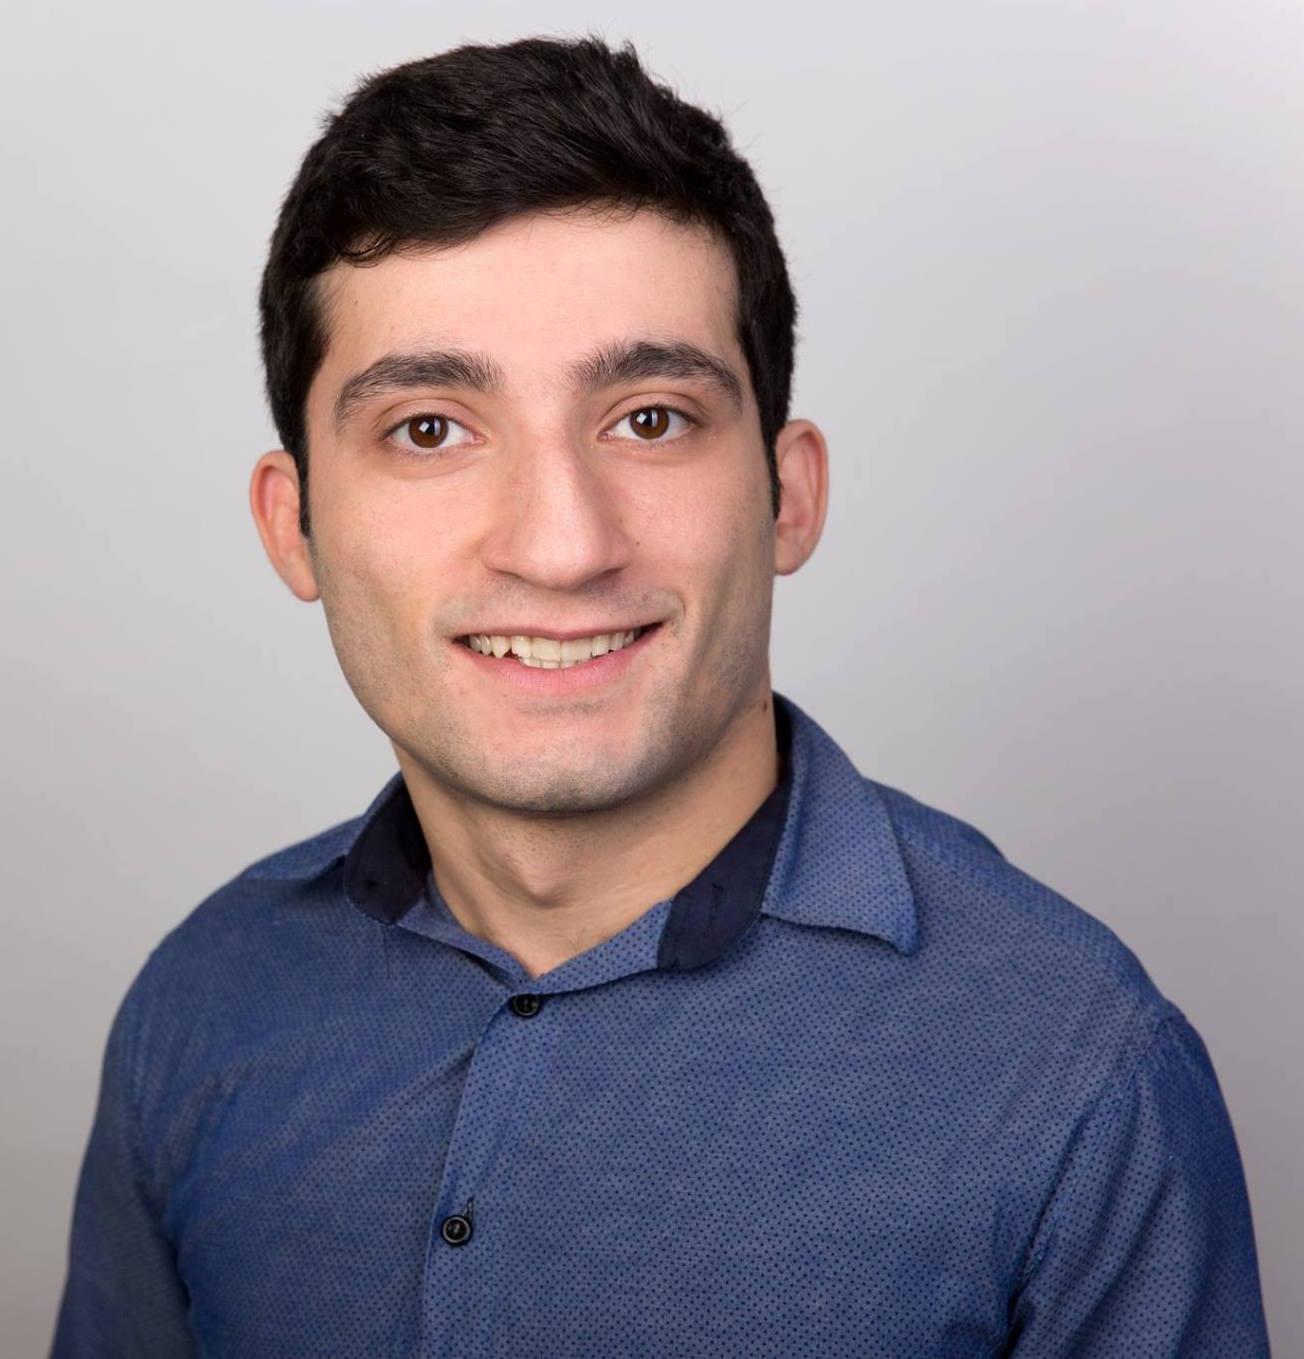 Davit Ohanyan